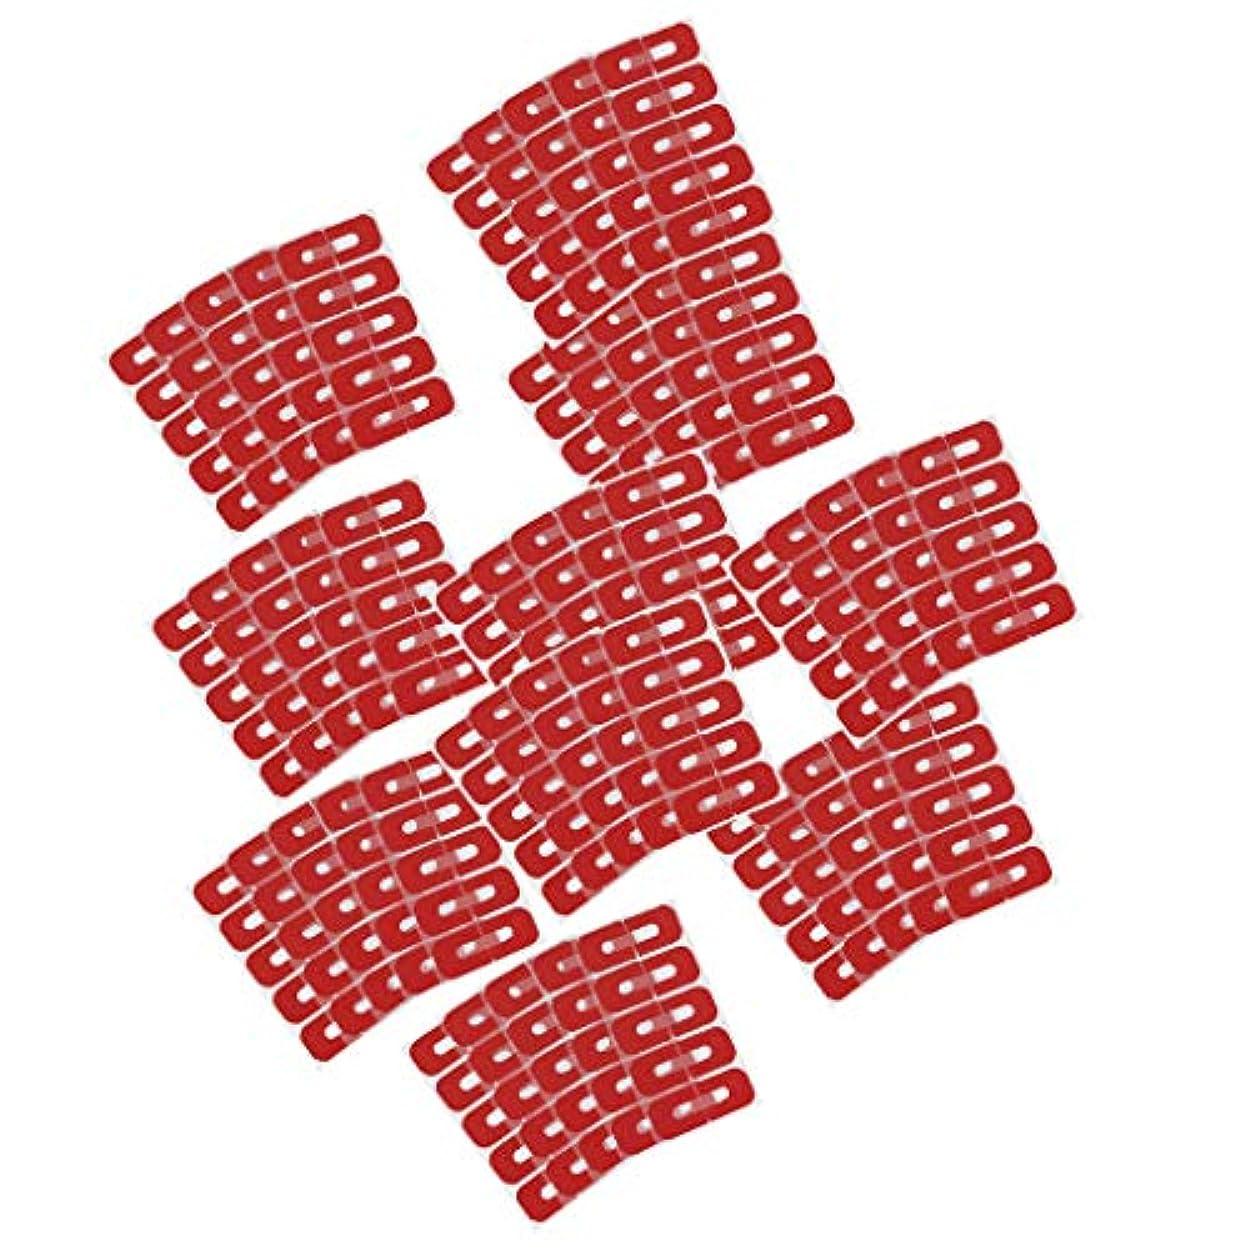 等価落胆させる分散50ピースレッド使い捨てピールオフテープネイルアート流出防止スキンバリアポリッシュプロテクターカバーガード